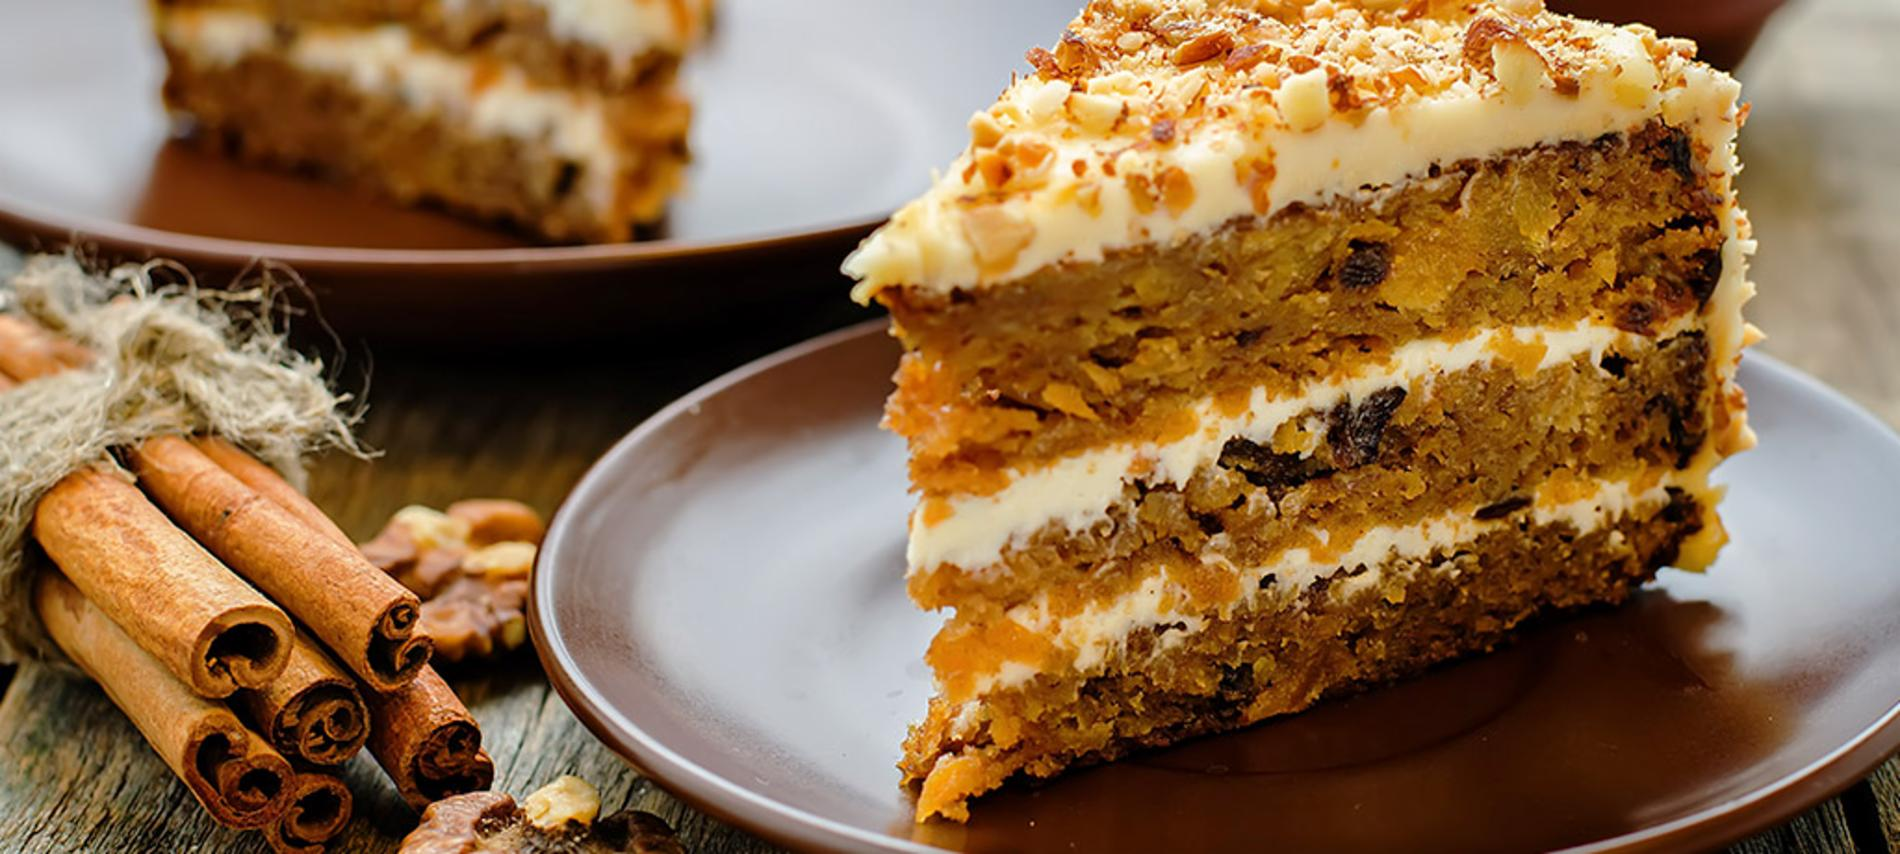 Keke De Zanahoria Primor Diariamente Ali Si deseas puedes preparar kekitos individuales. keke de zanahoria primor